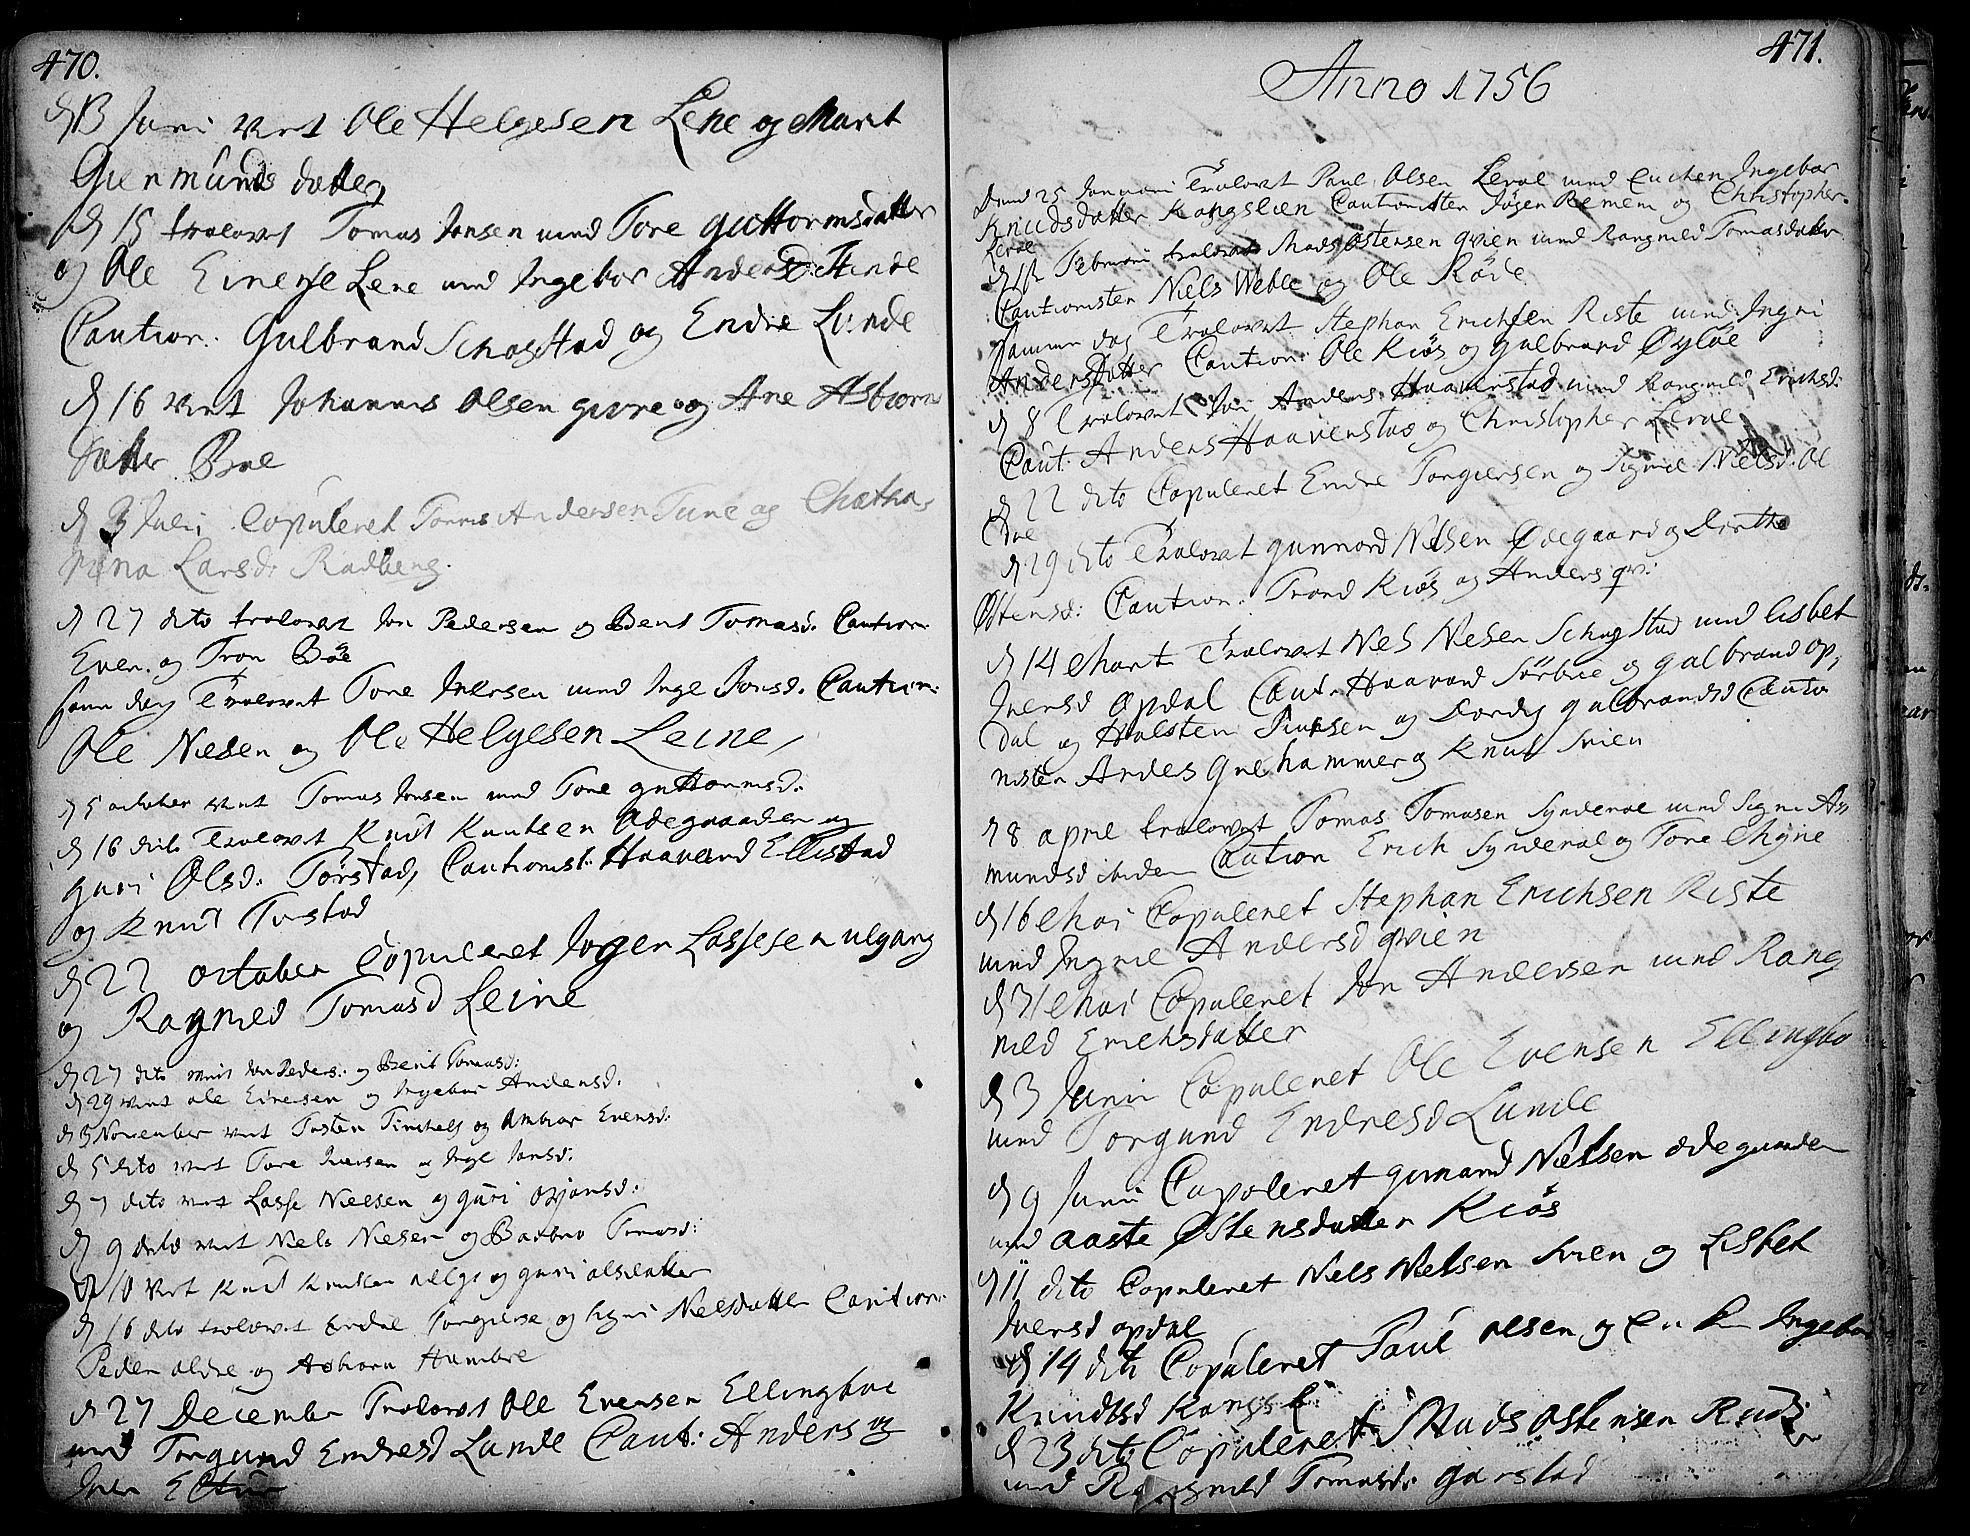 SAH, Vang prestekontor, Valdres, Ministerialbok nr. 1, 1730-1796, s. 470-471